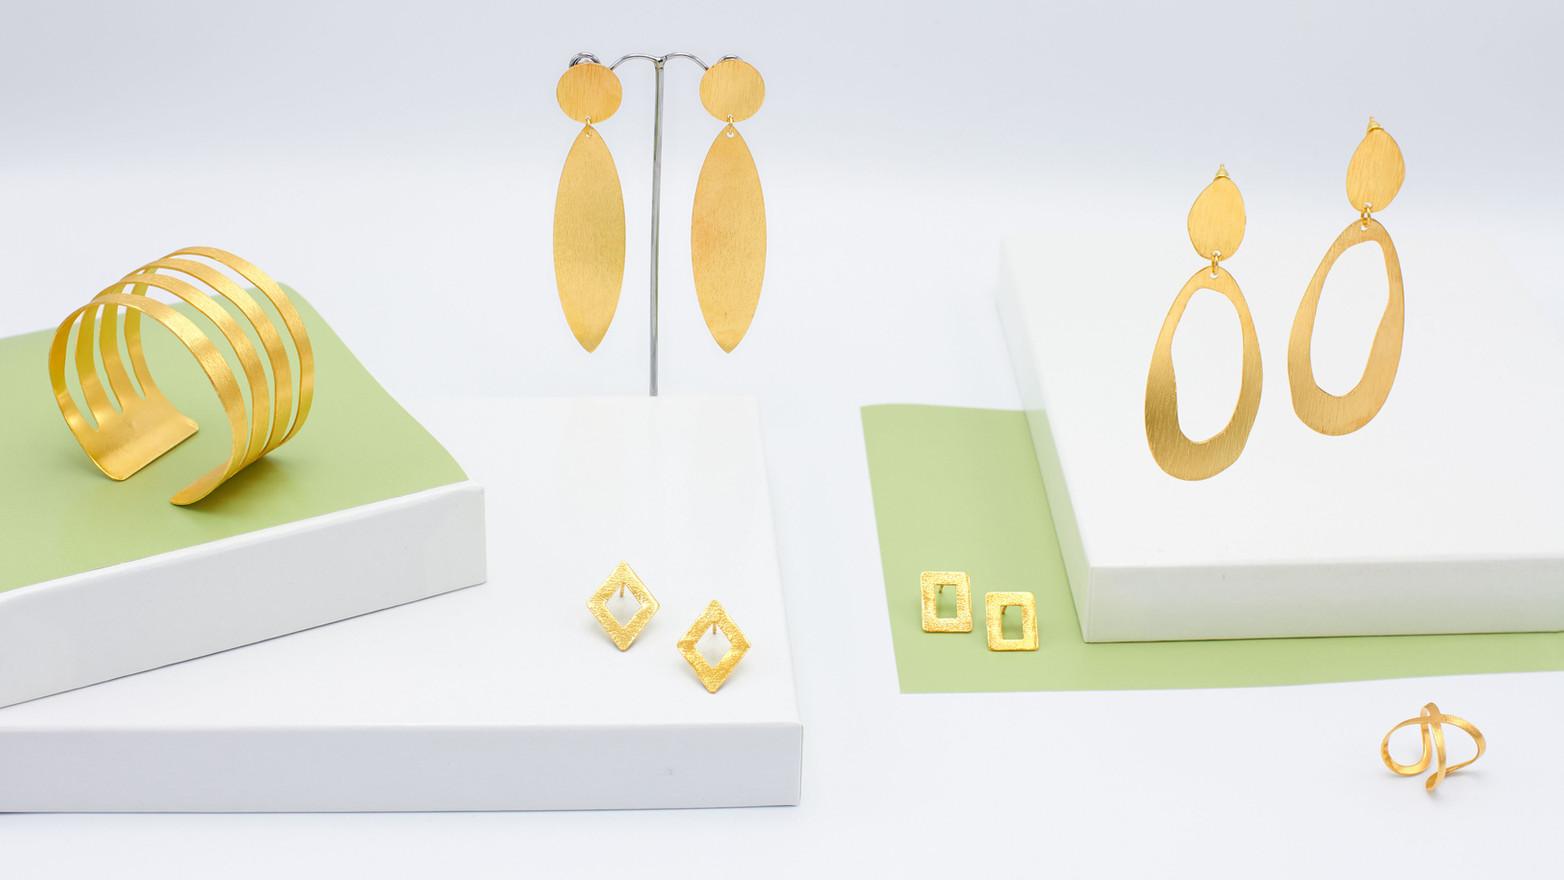 Schmuckstücke aus der Sélection Actuelle mit Goldschmuck aus der Frühlings Kollektion mit einem Armreif, einem Ring und zwei ovalen Ohrringen aus gebürstetem Gold, wie auch einem Paar rechteckiger und karoförmiger Goldohrringe